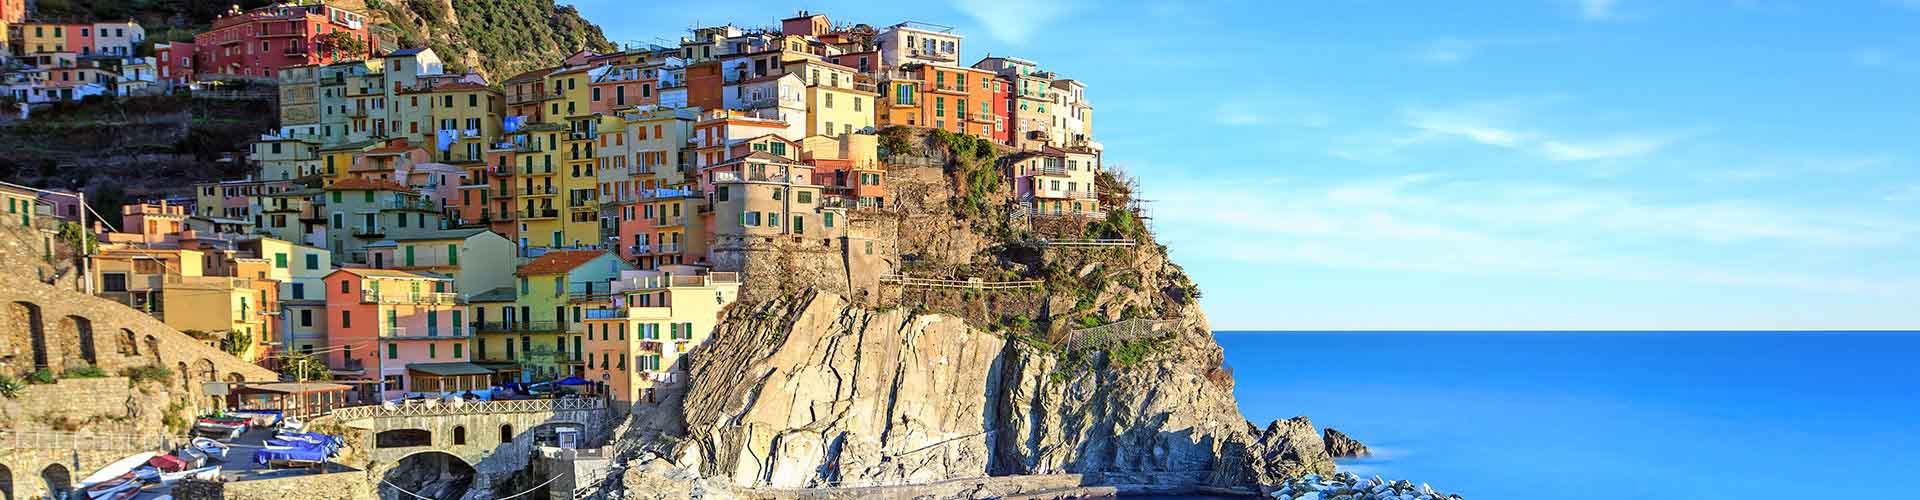 5 Terre Travel - Agenzia Viaggi a Levanto - Specialisti per ...